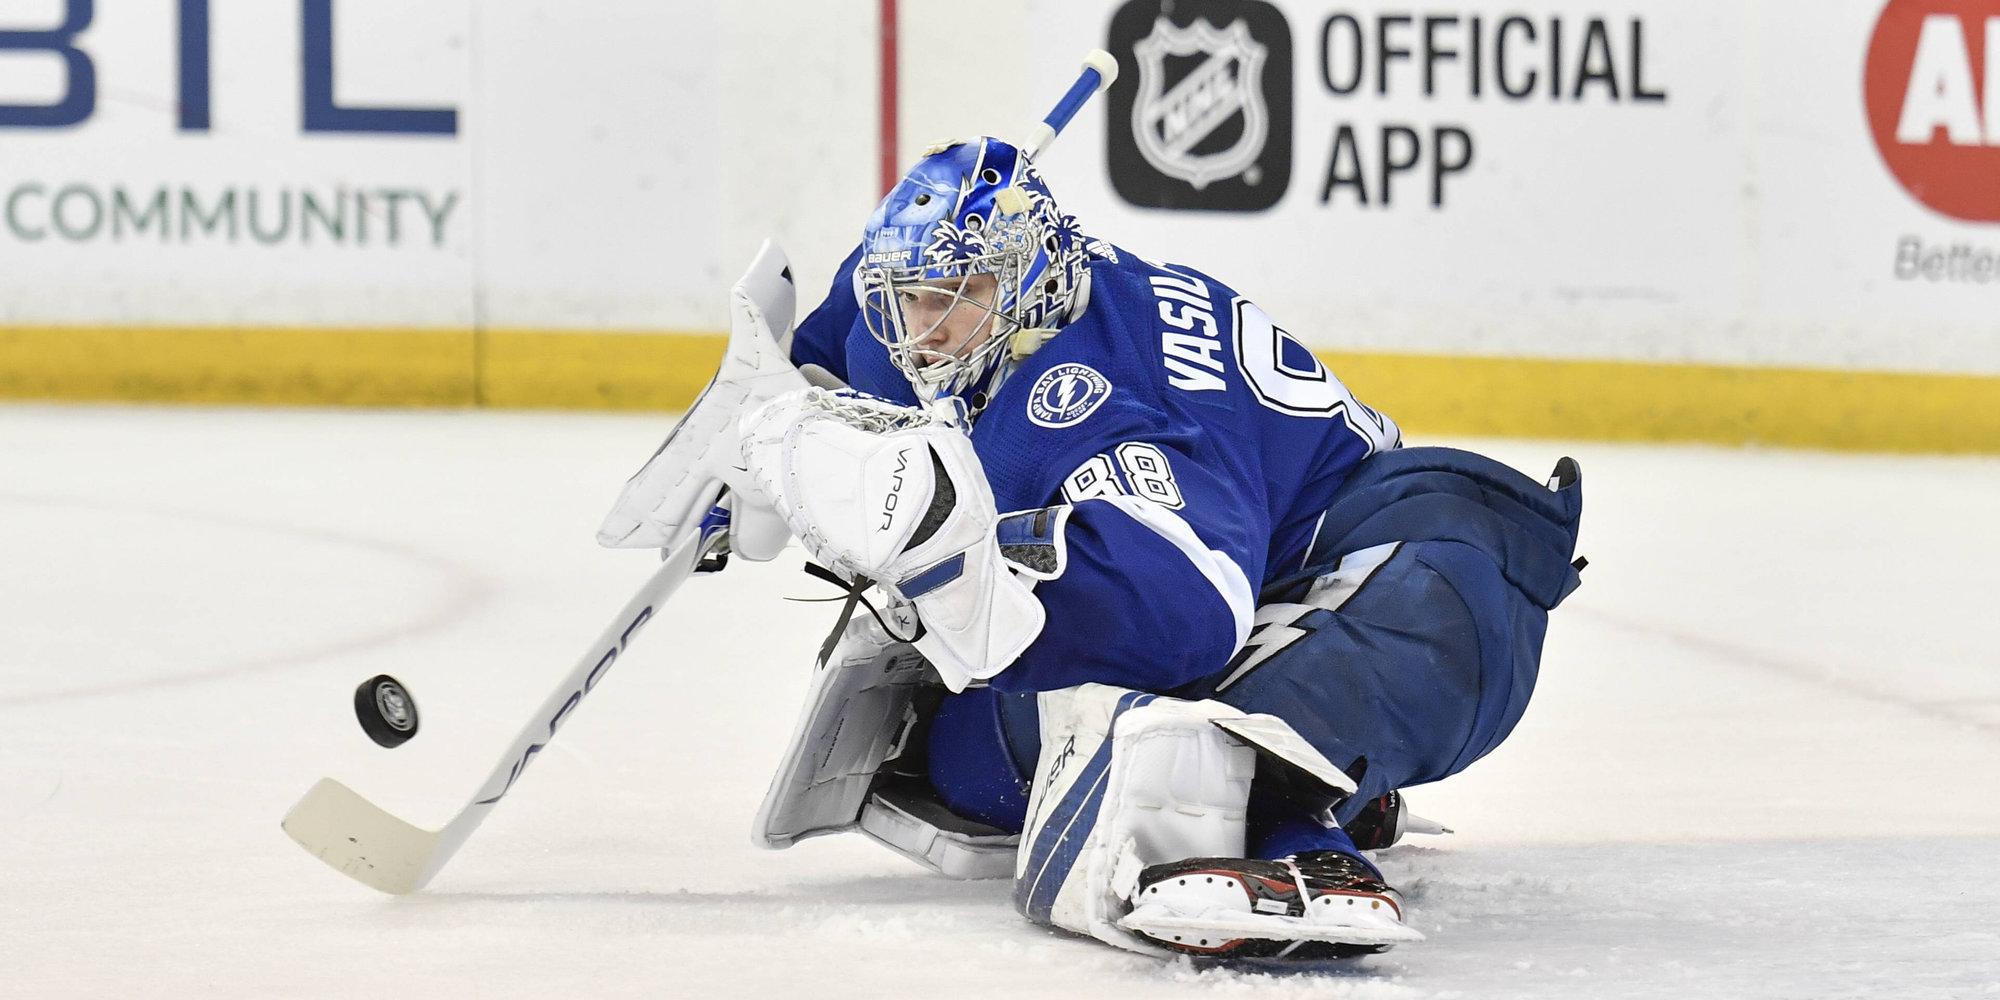 Василевский — второй россиянин, который примет участие в Матче звезд НХЛ